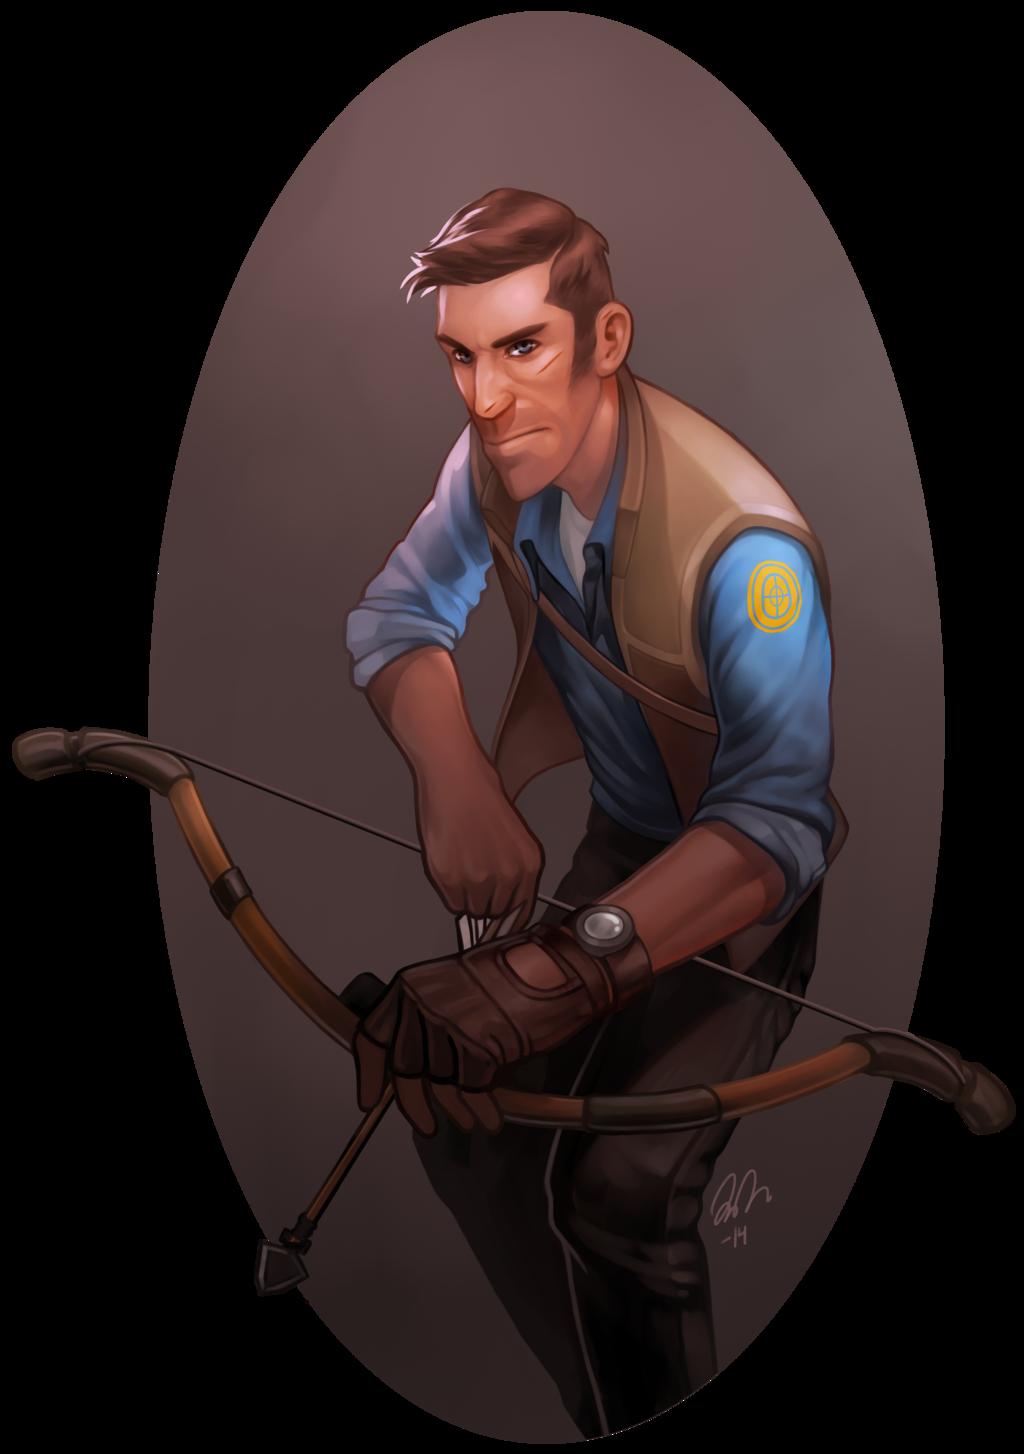 Huntsman Sniper by vilssonify deviantart com on @DeviantArt